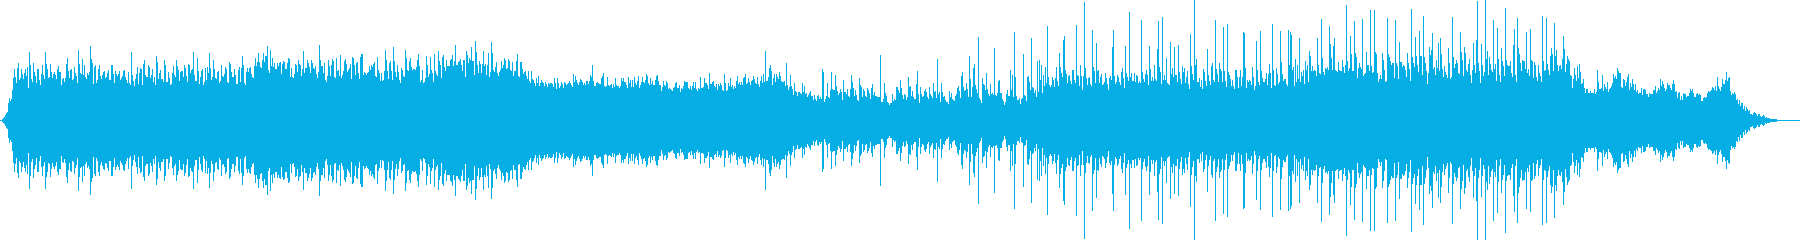 宇宙に想いを馳せる広大なシューゲイザーの再生済みの波形